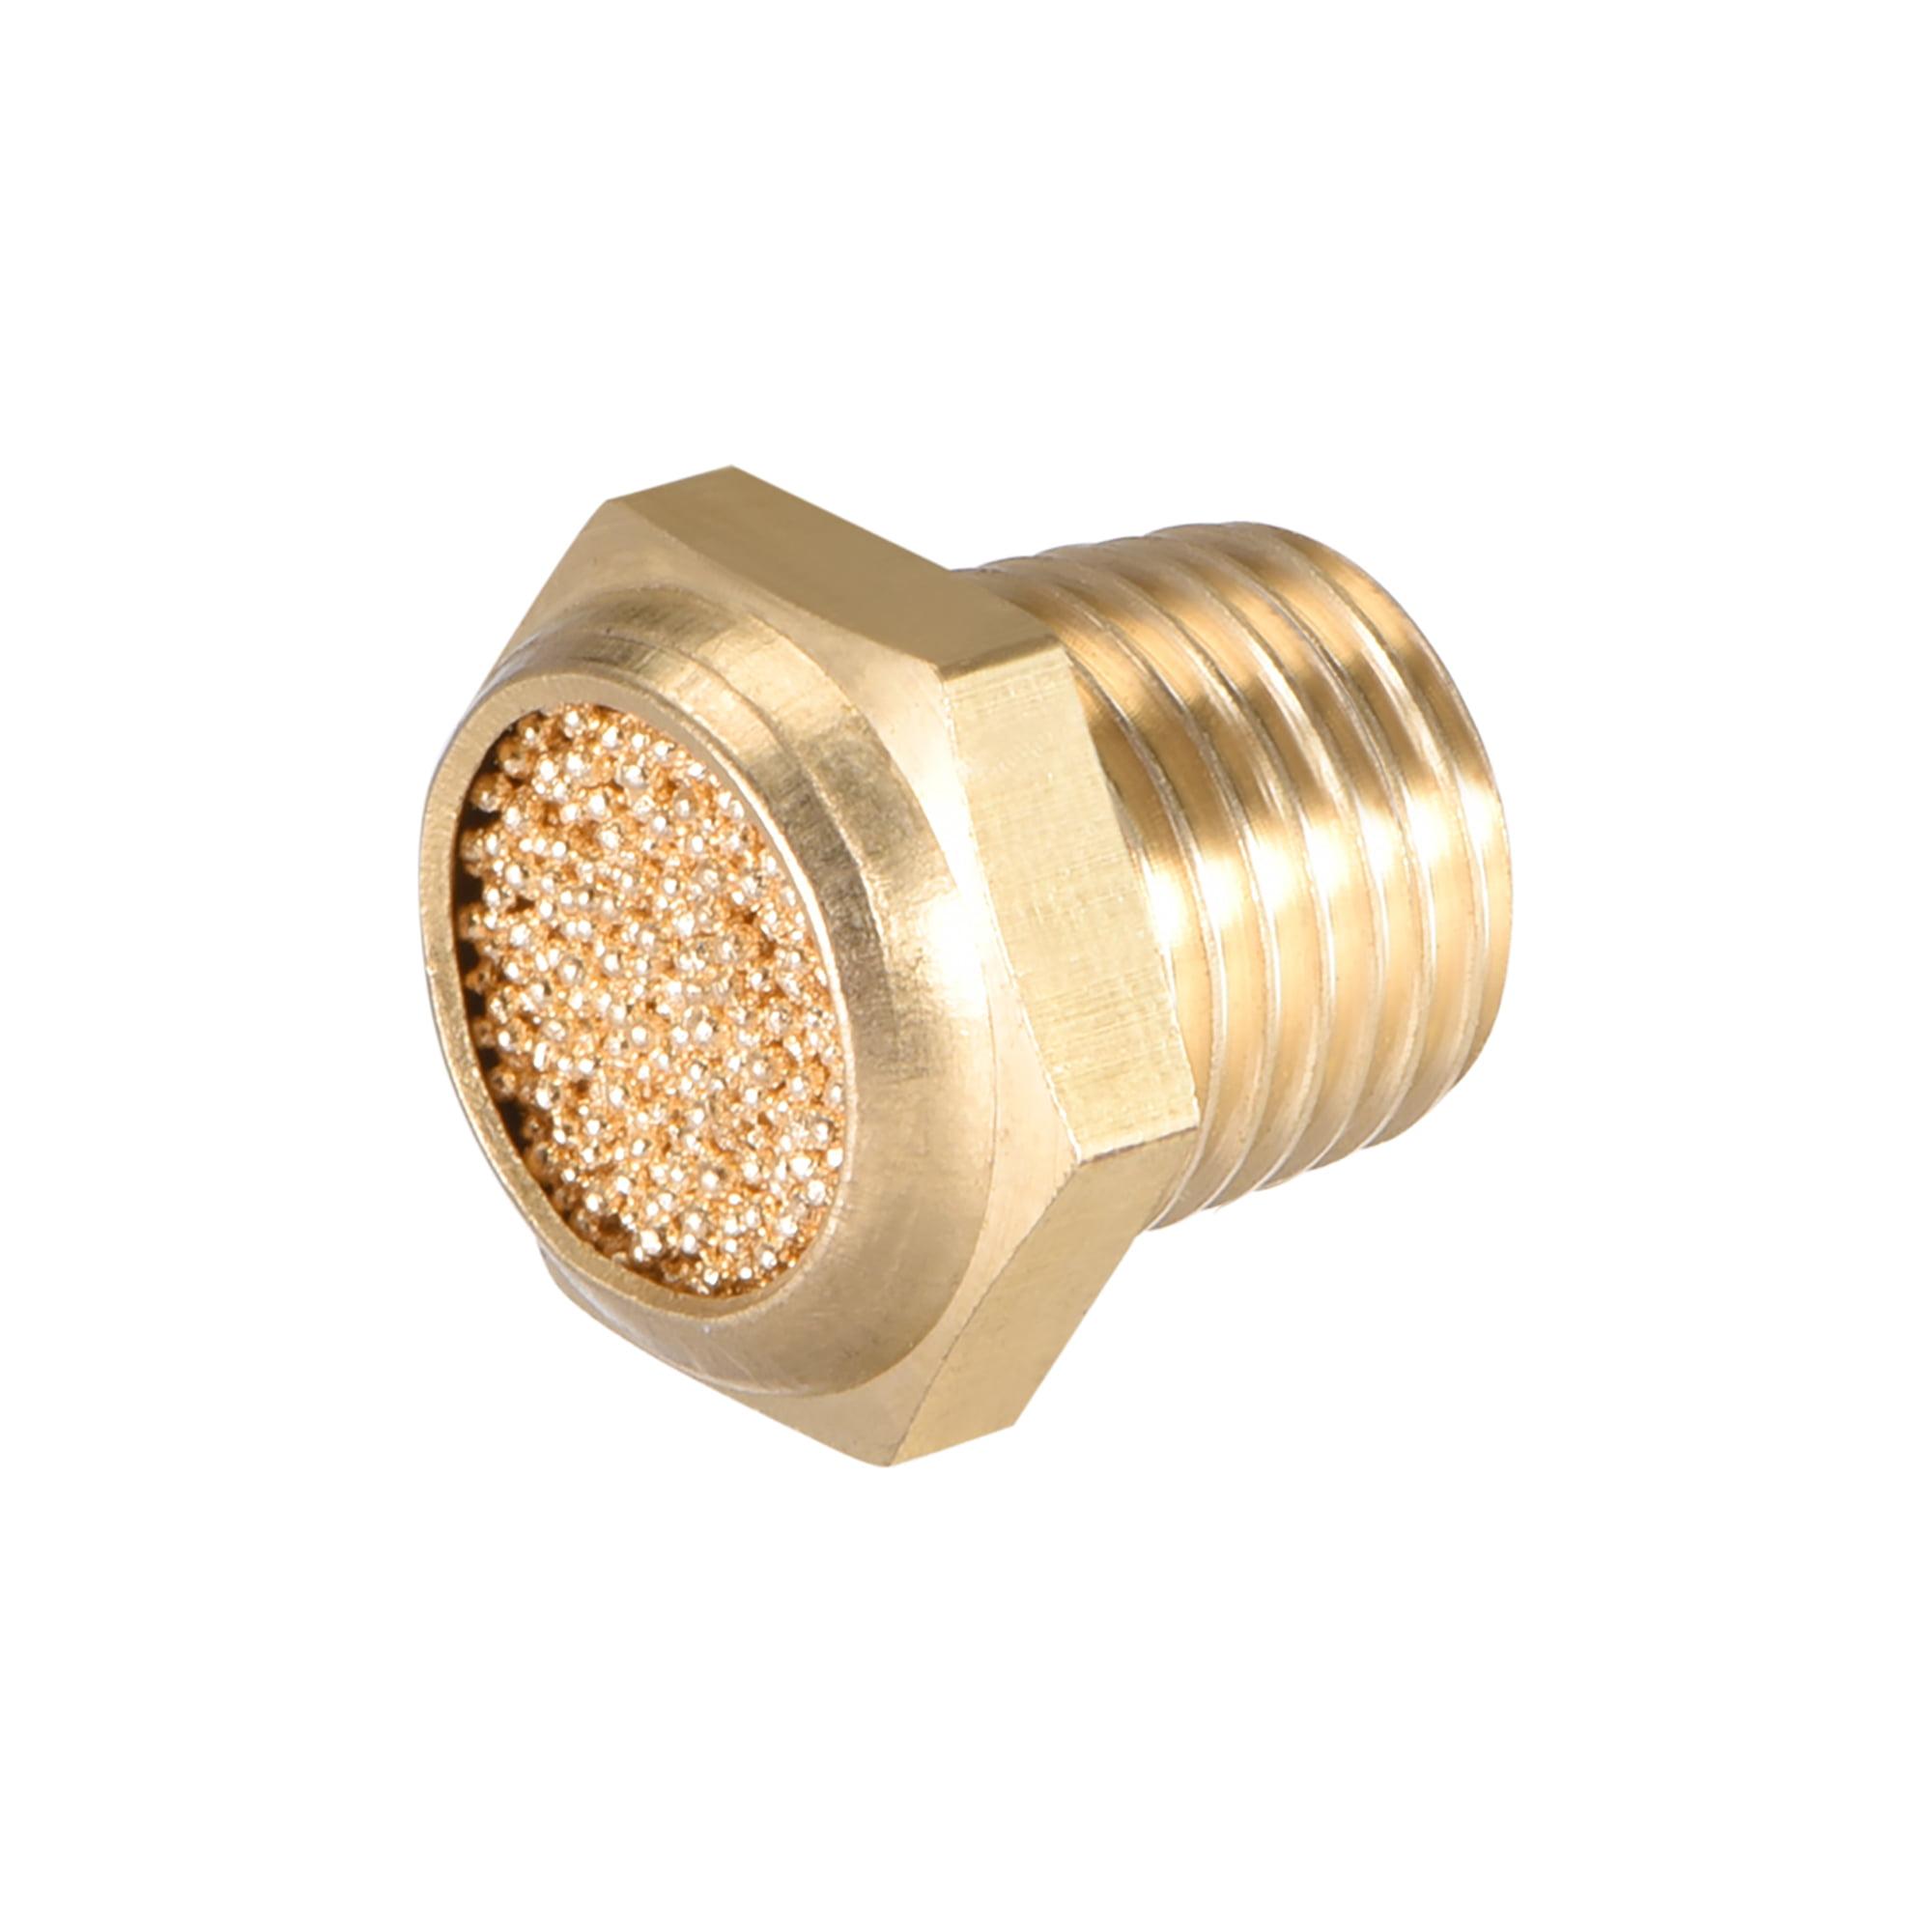 """Brass Exhaust Muffler, 1/8"""" G Male Thread 15/32"""" Hex Sintered Air Pneumatic Bronze Muffler with Brass Body Flat 10pcs - image 2 of 3"""